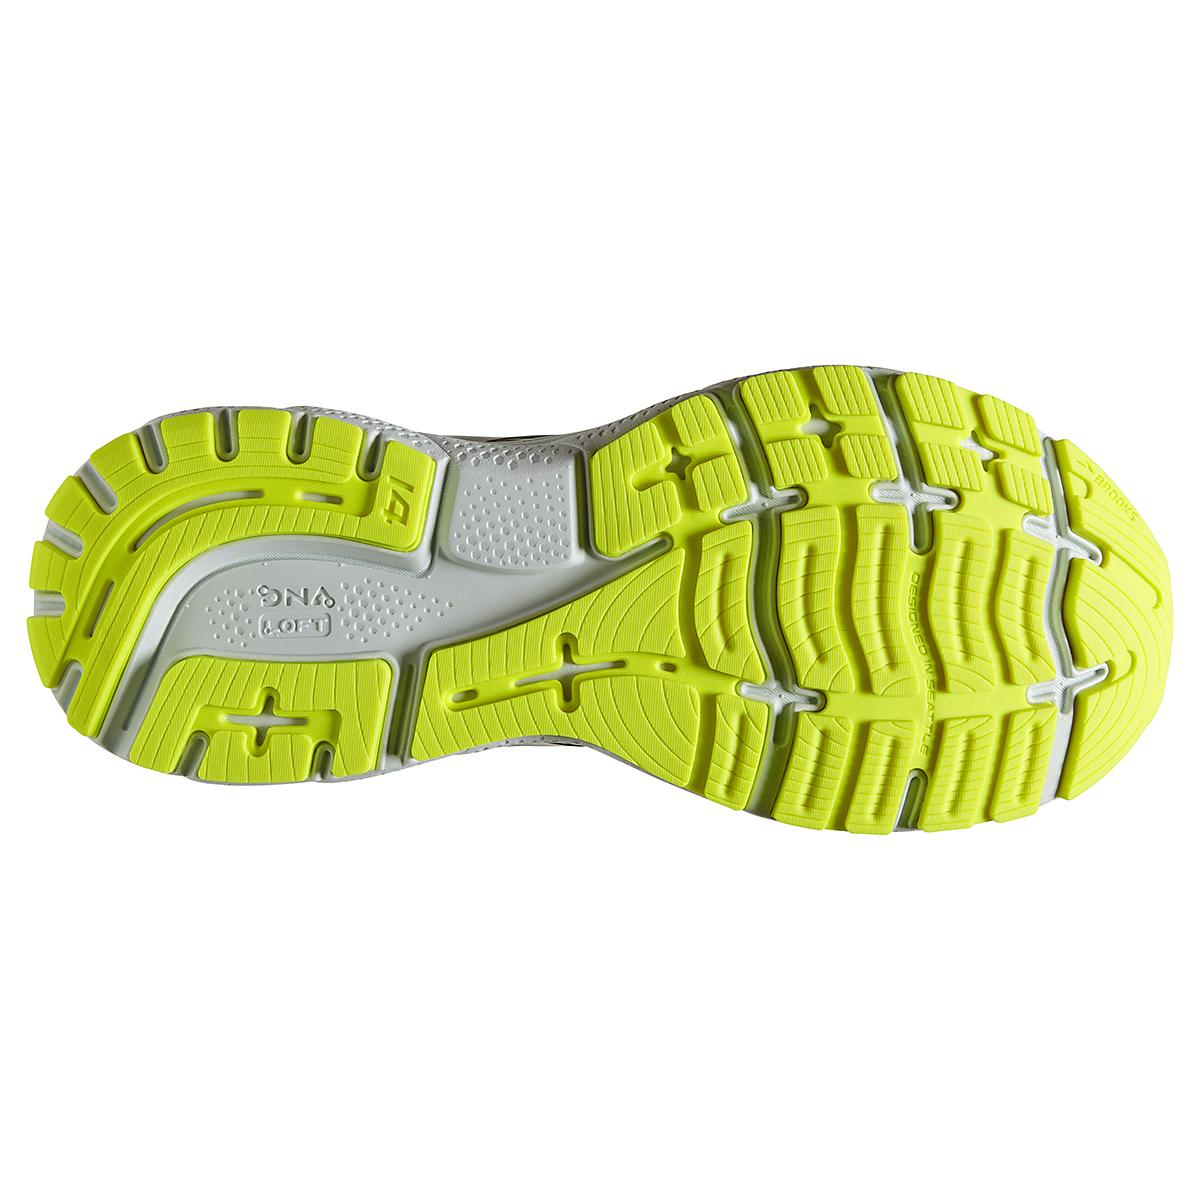 Men's Brooks Ghost 14 Running Shoe - Color: Black/Nightlife - Size: 7 - Width: Regular, Black/Nightlife, large, image 4